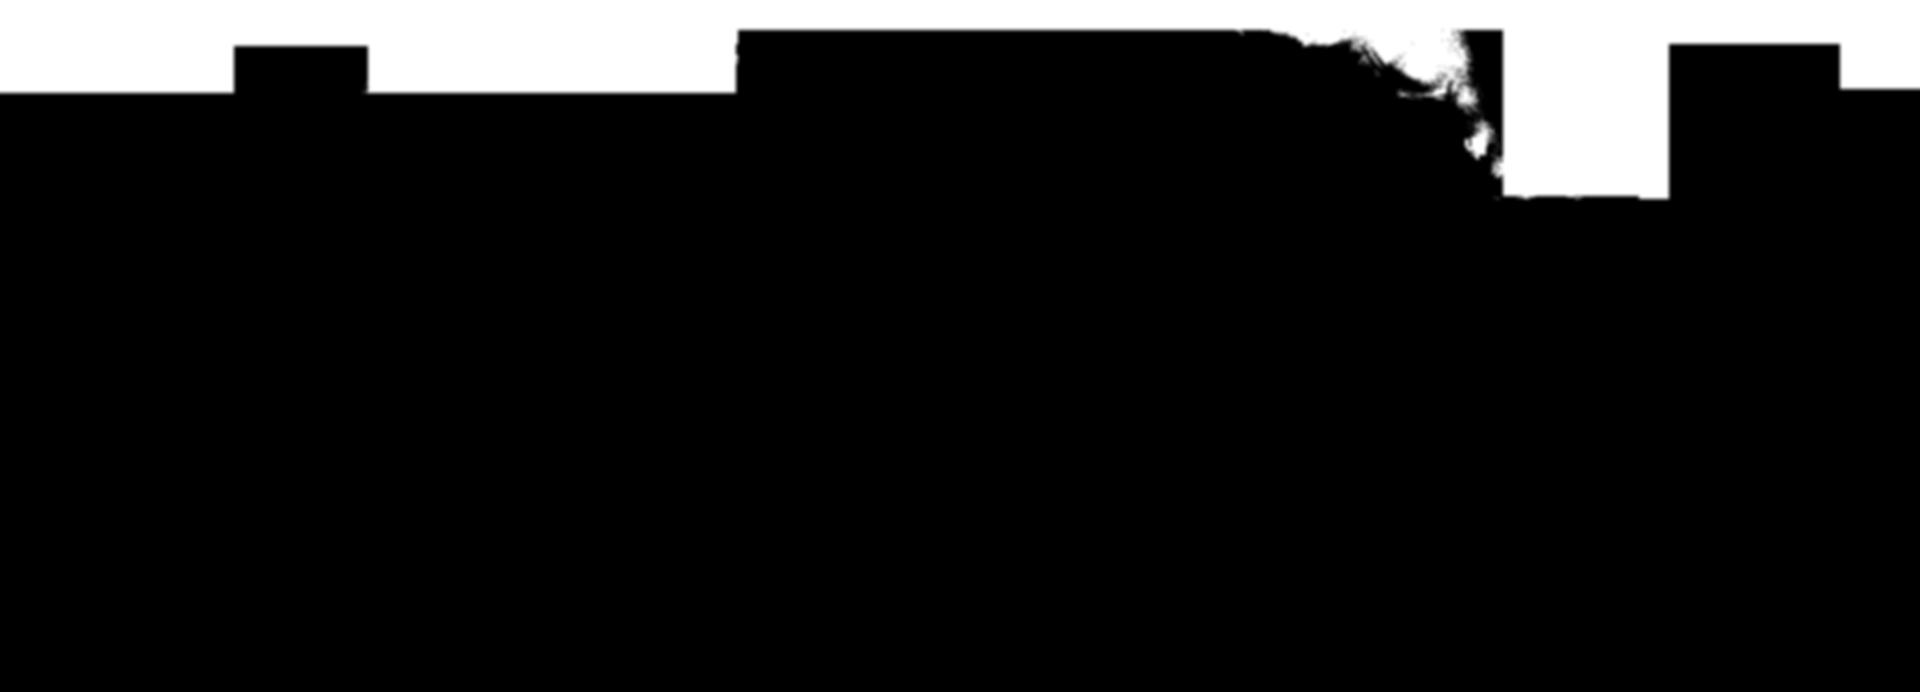 1559831170smoke-Png-78.png